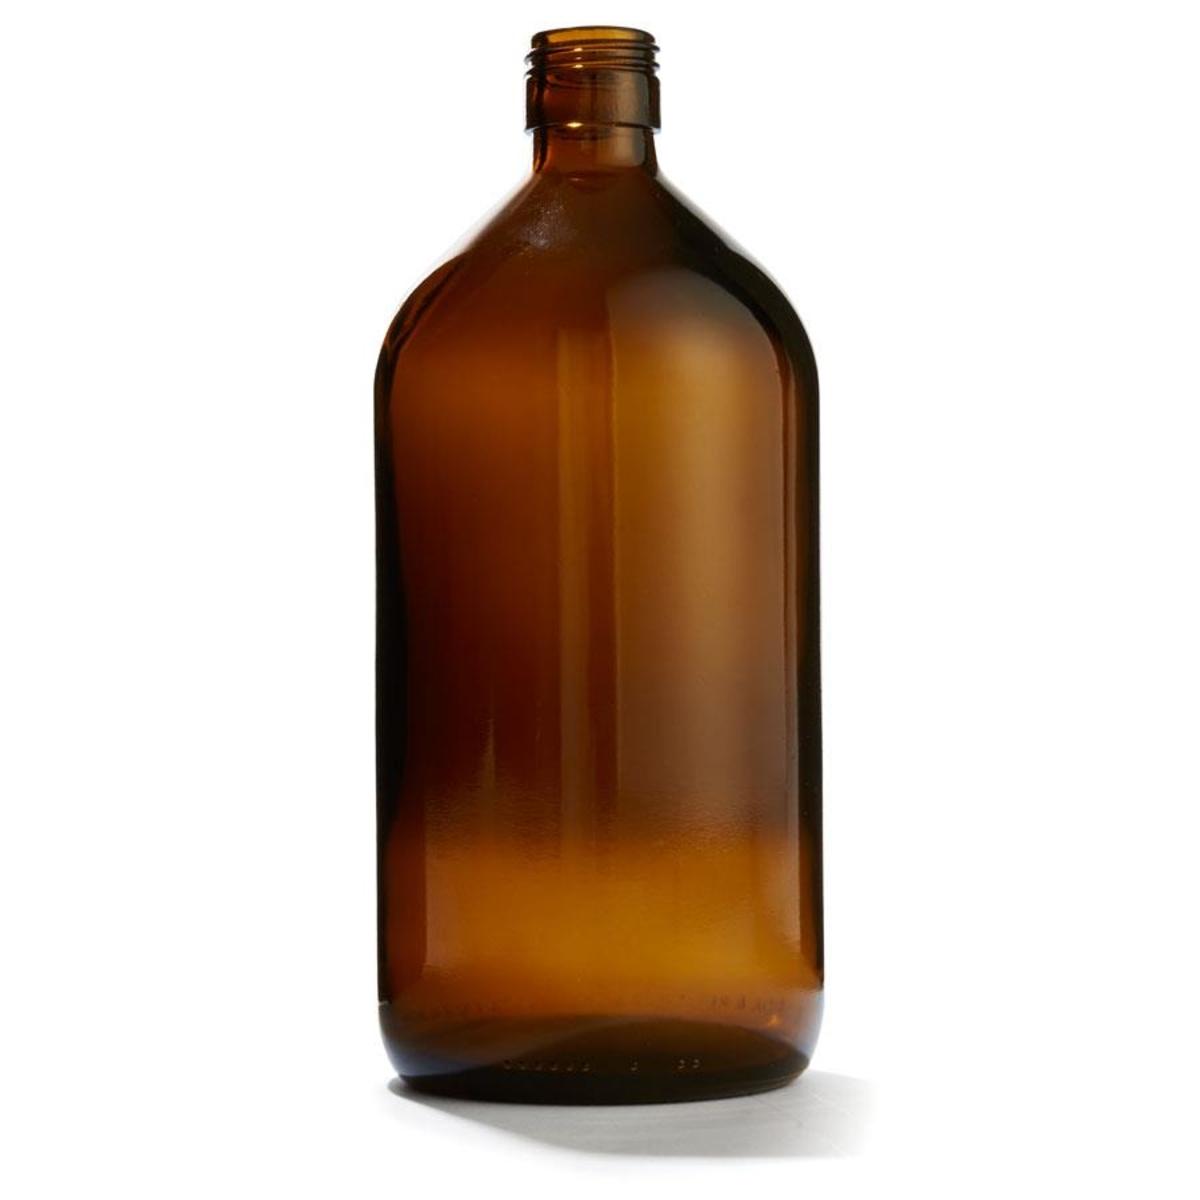 1l Brown Glass Bottle Brown Glass Bottles Bottle Glass Bottles